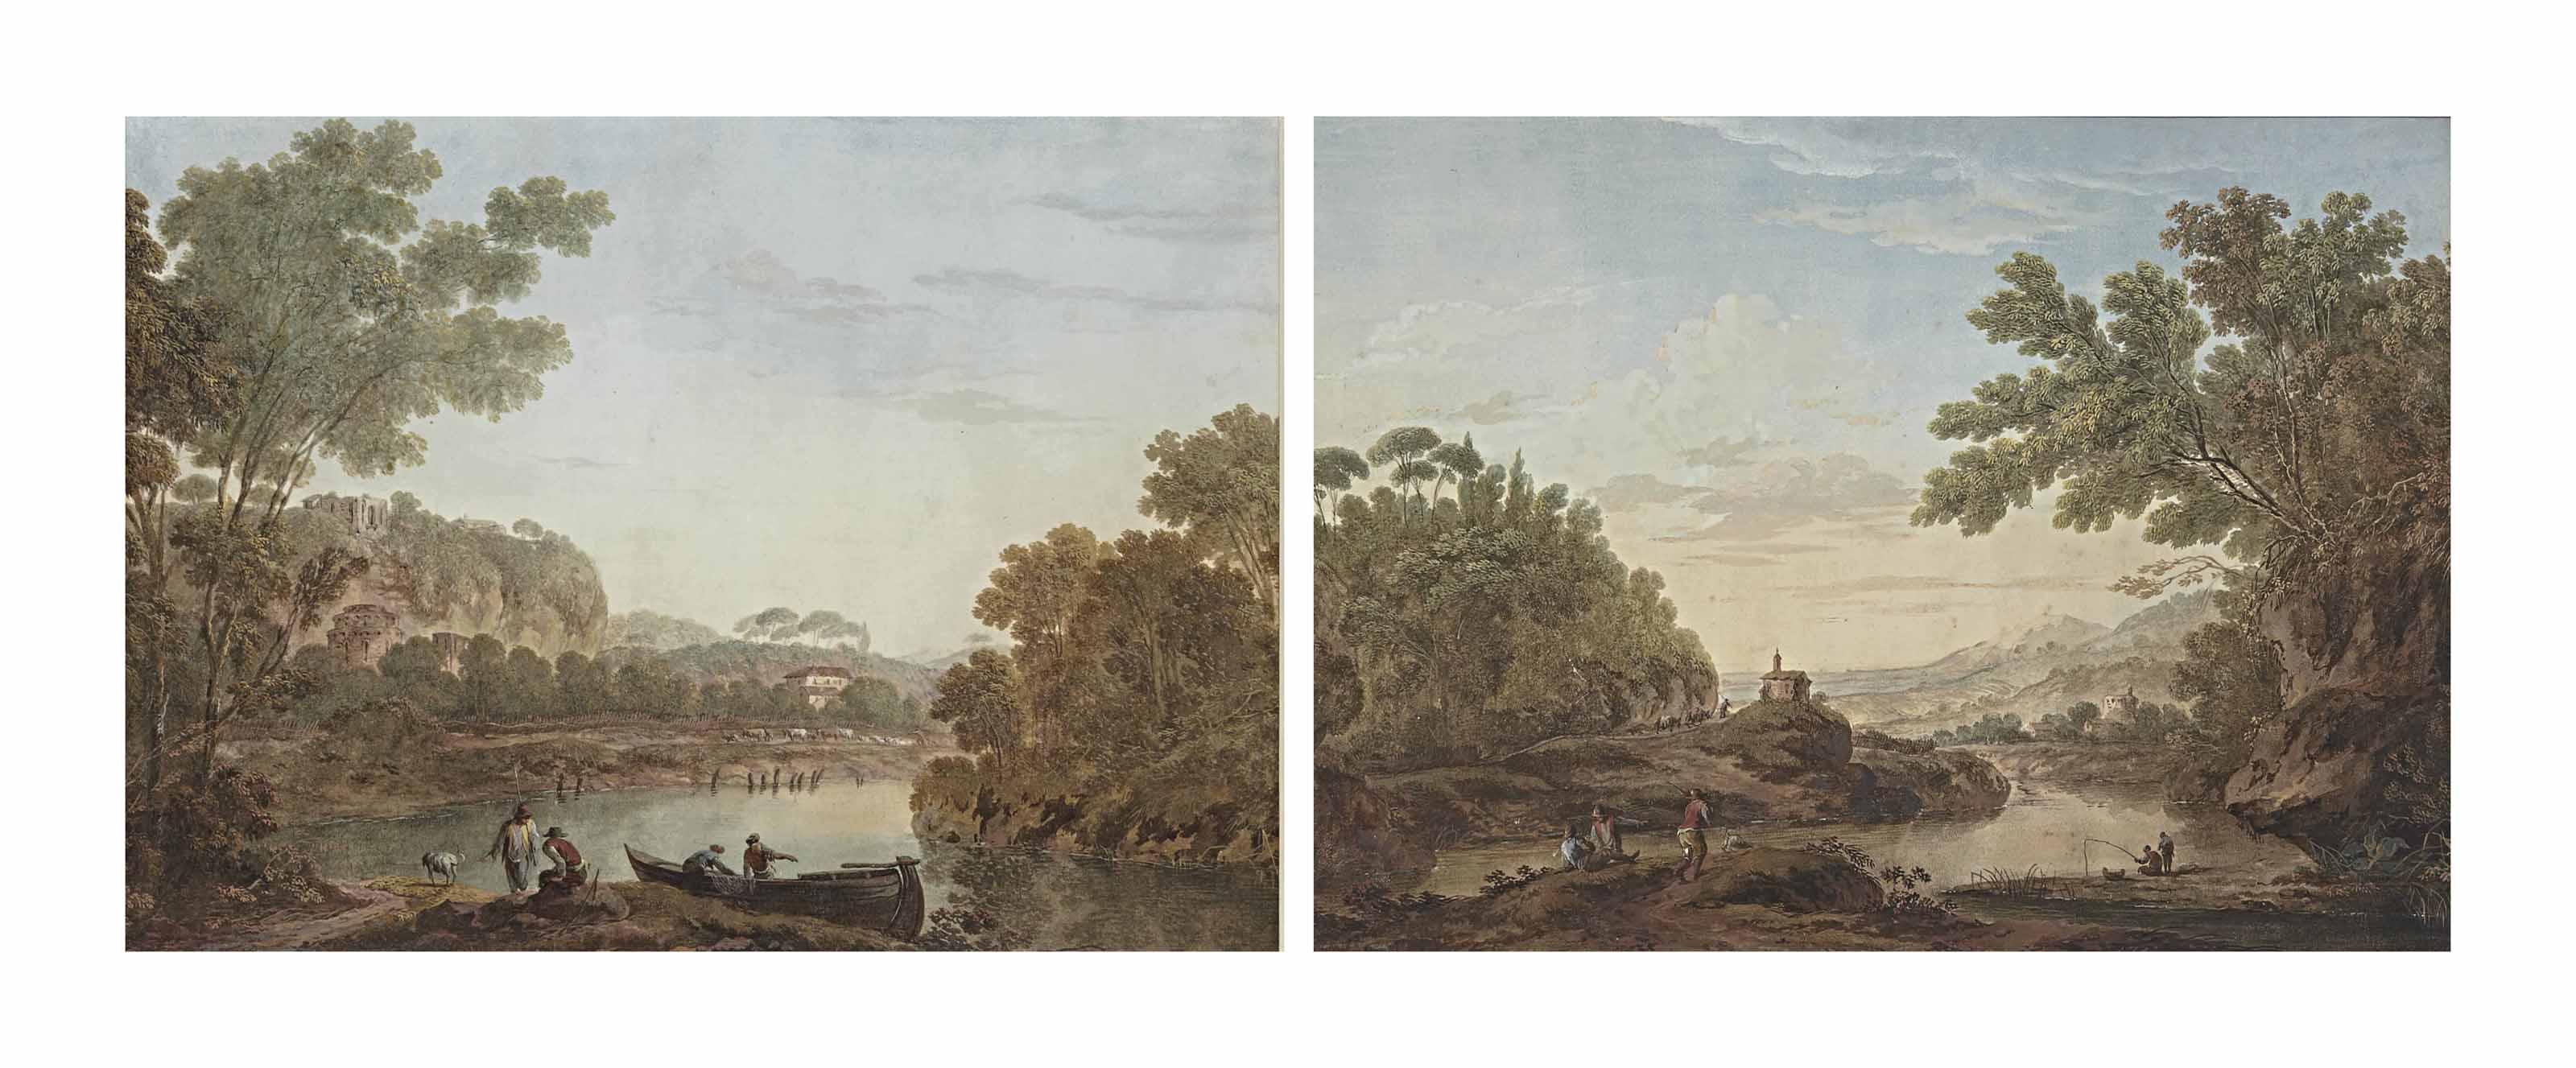 Pêcheurs dans une barque sur le bord du rivage; et Hommes discutant sur le bord du rivage dans un paysage arboré